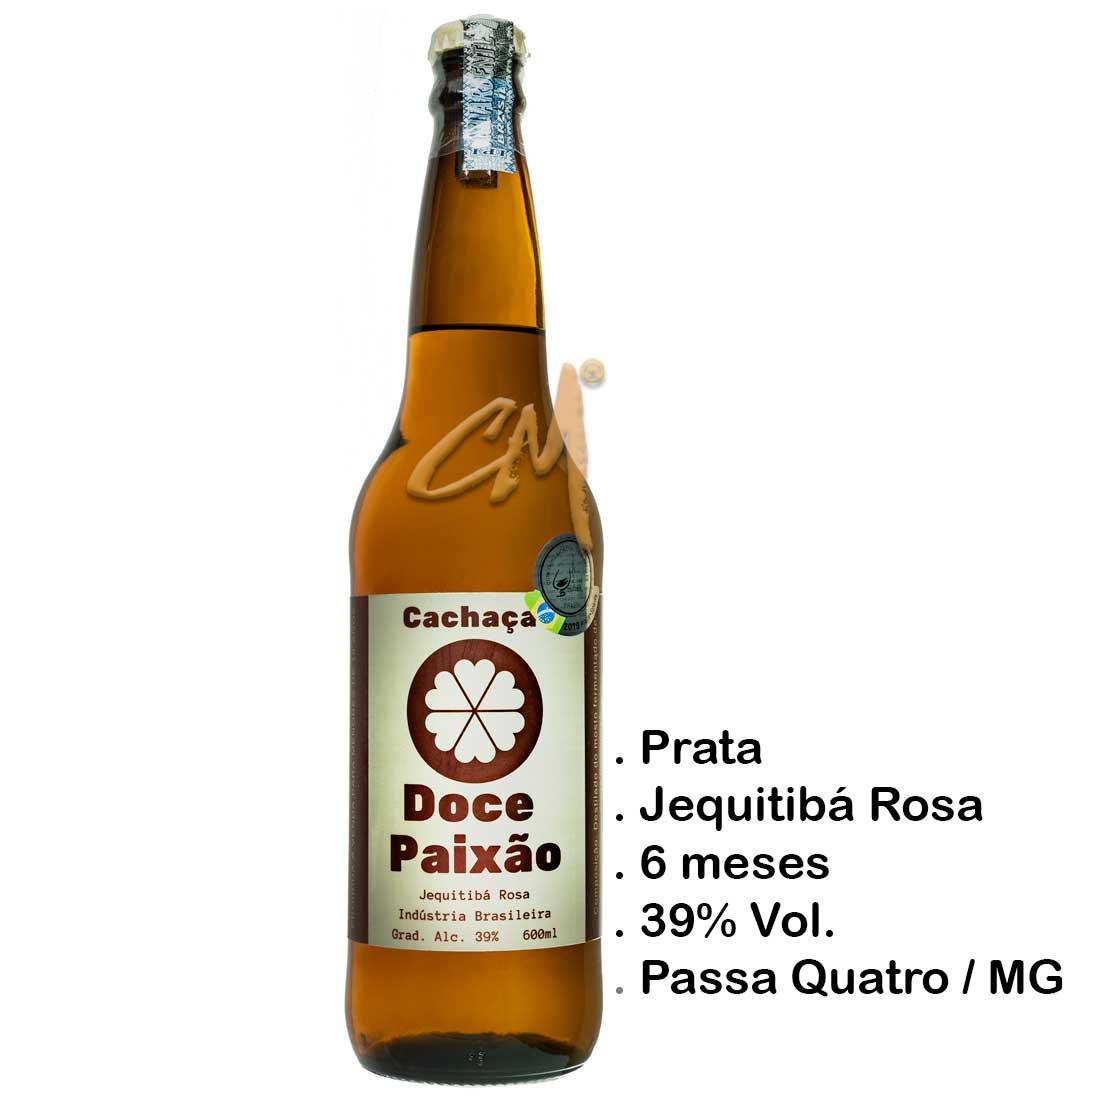 Cachaça Doce Paixão Jequitibá 600 ml (Passa Quatro - MG)